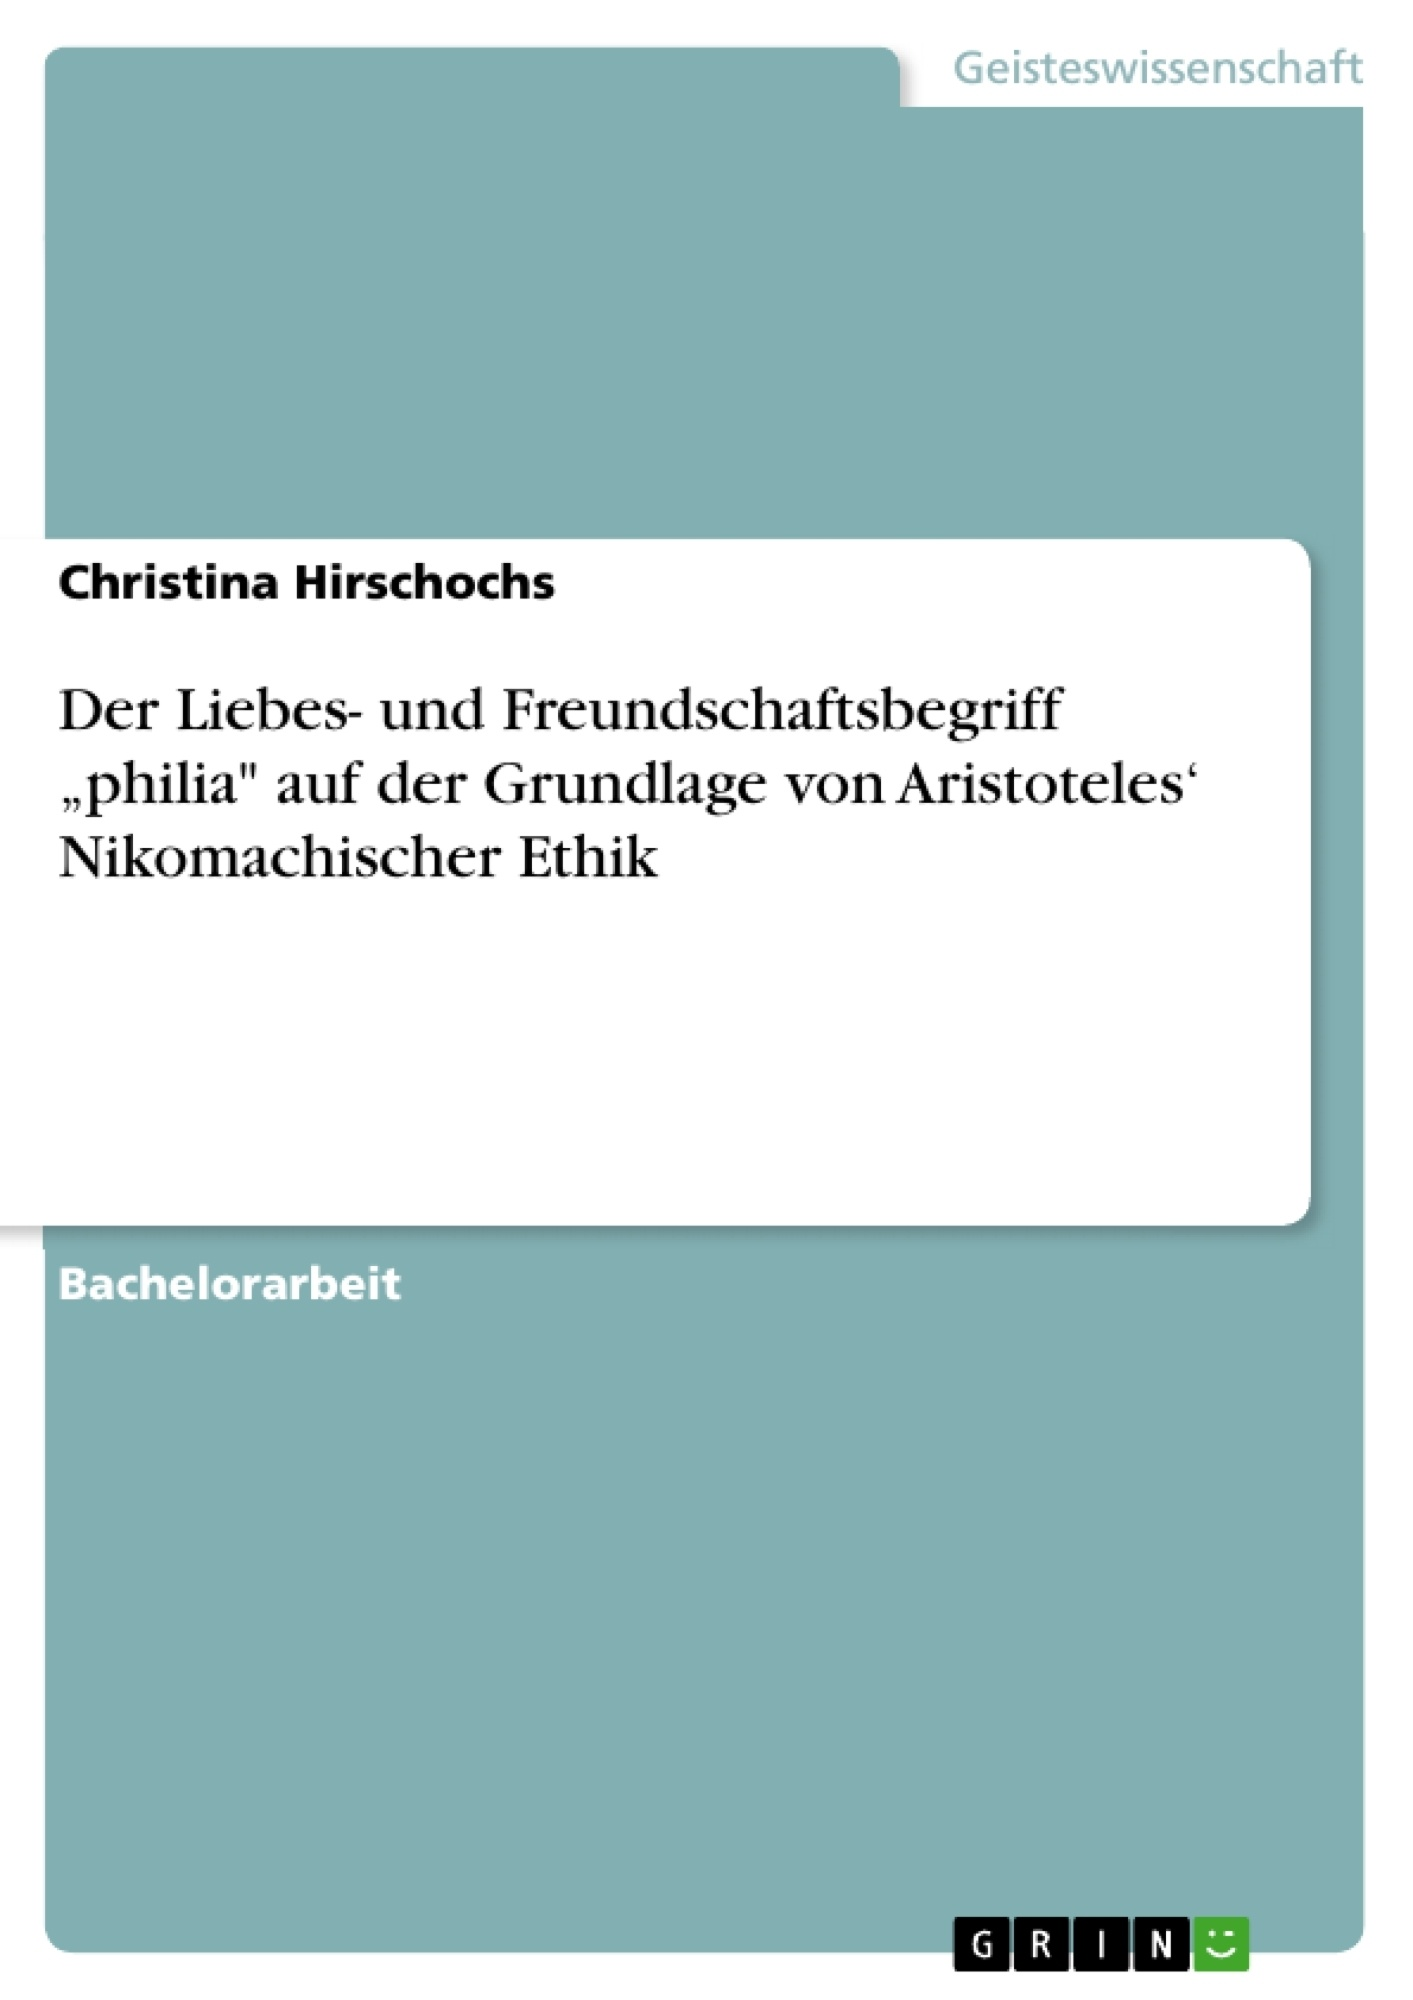 """Titel: Der Liebes- und Freundschaftsbegriff """"philia"""" auf der Grundlage von Aristoteles' Nikomachischer Ethik"""